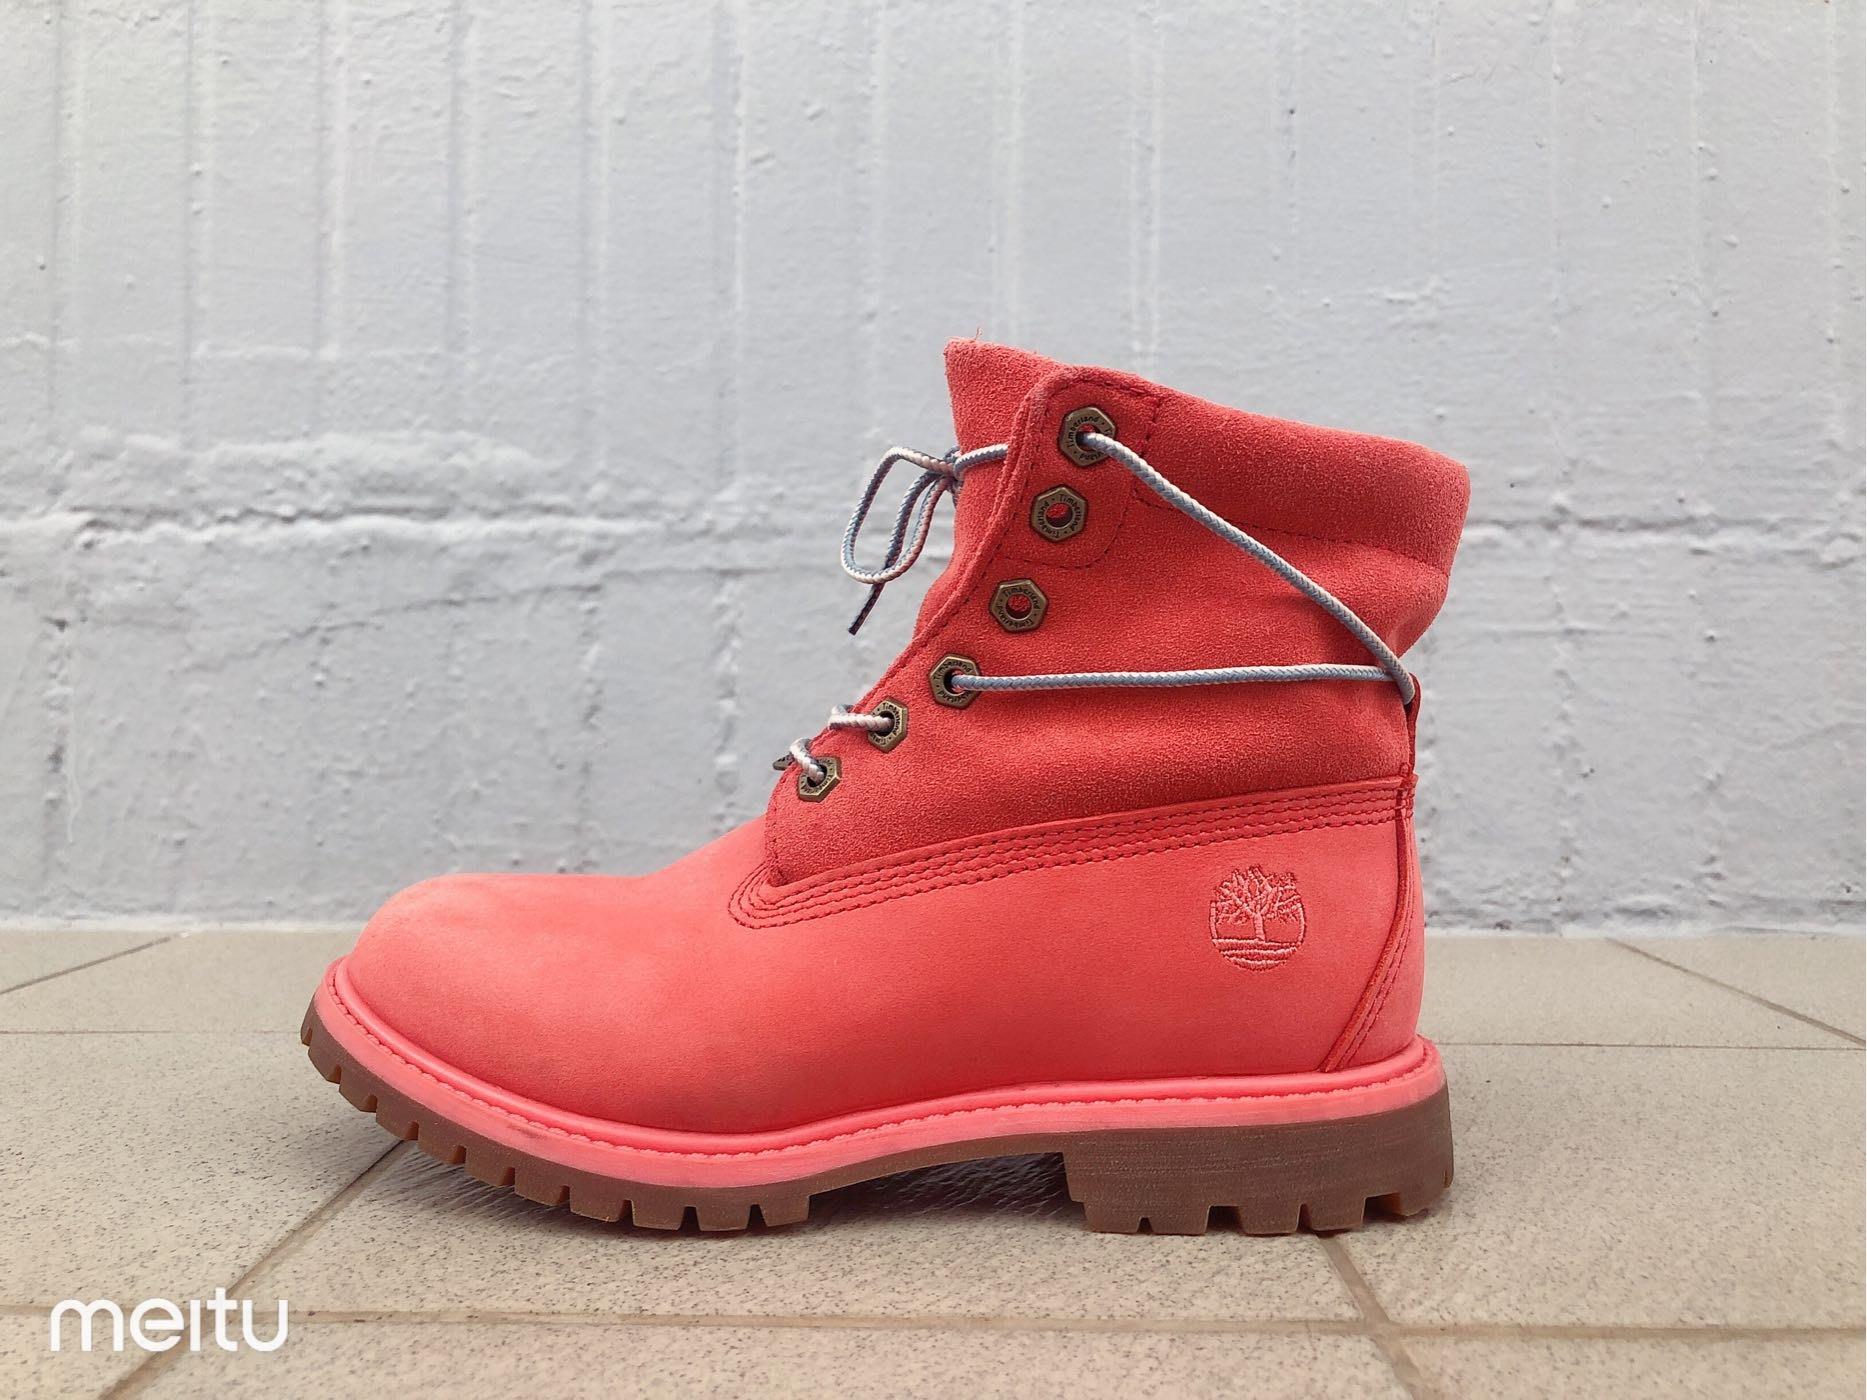 Timberland 美國第一戶外休閒品牌A1BNY 女士Roll-Top粉紅麂皮靴 短靴 網路最低價